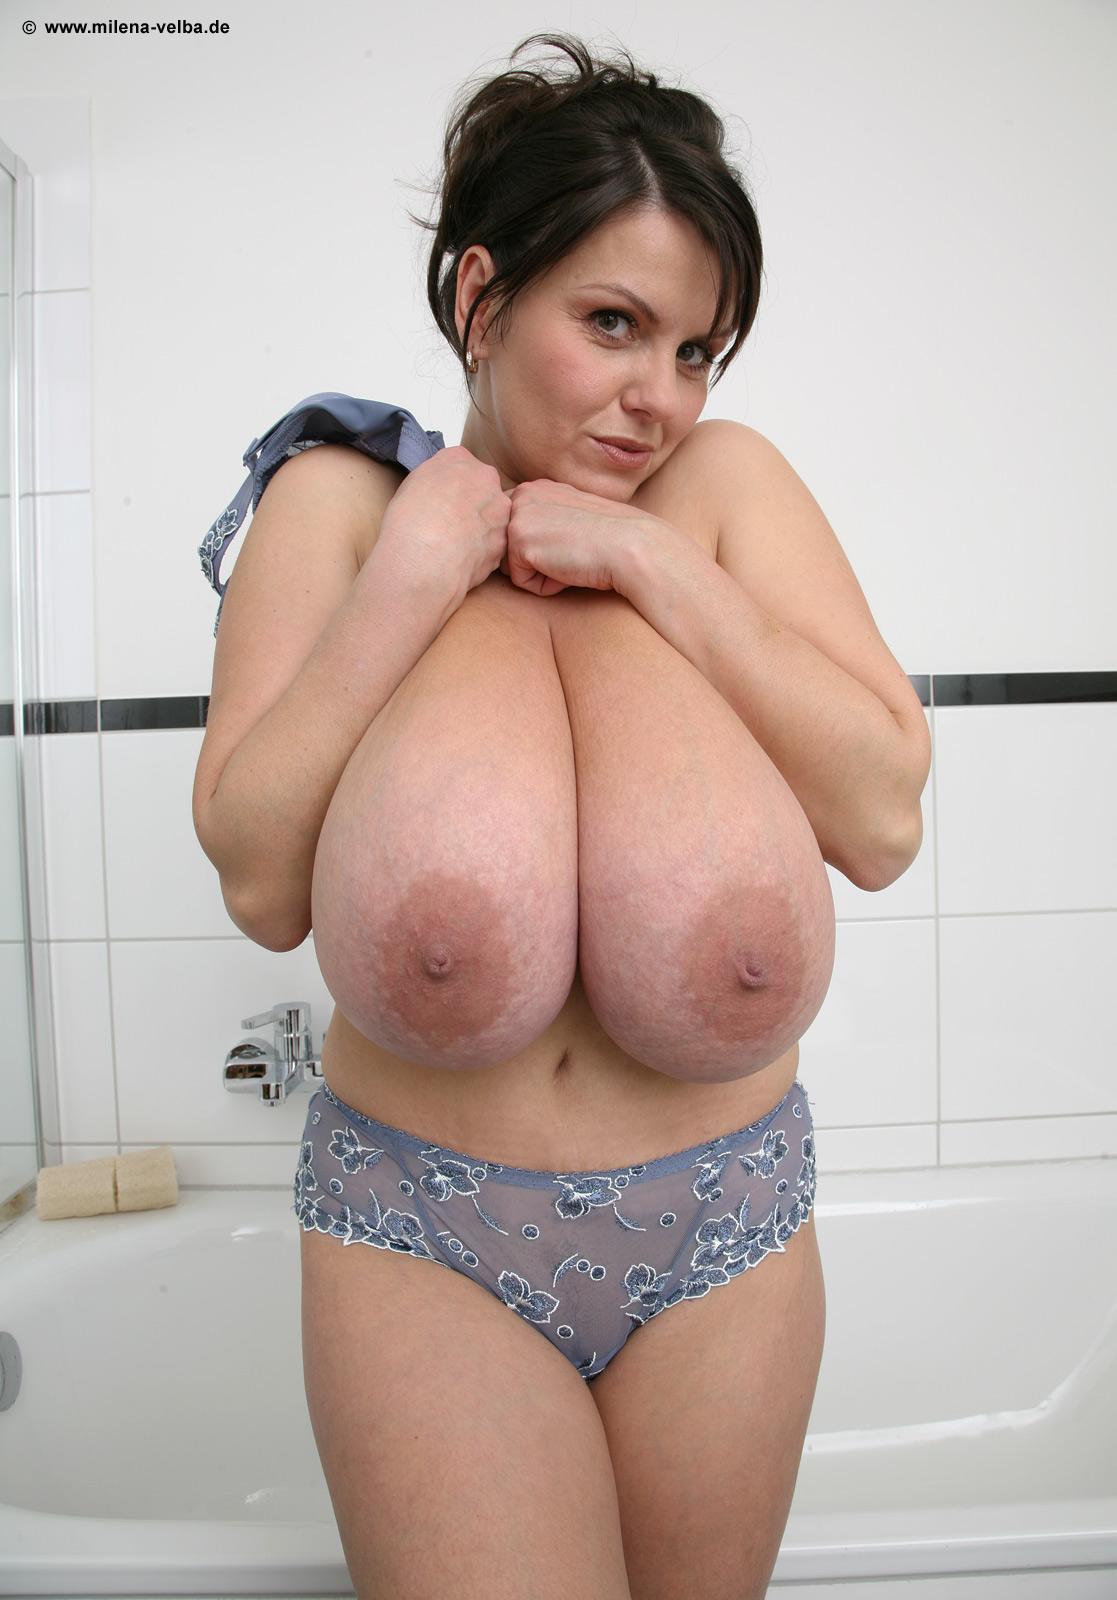 Kenzen robo daimidaler nude